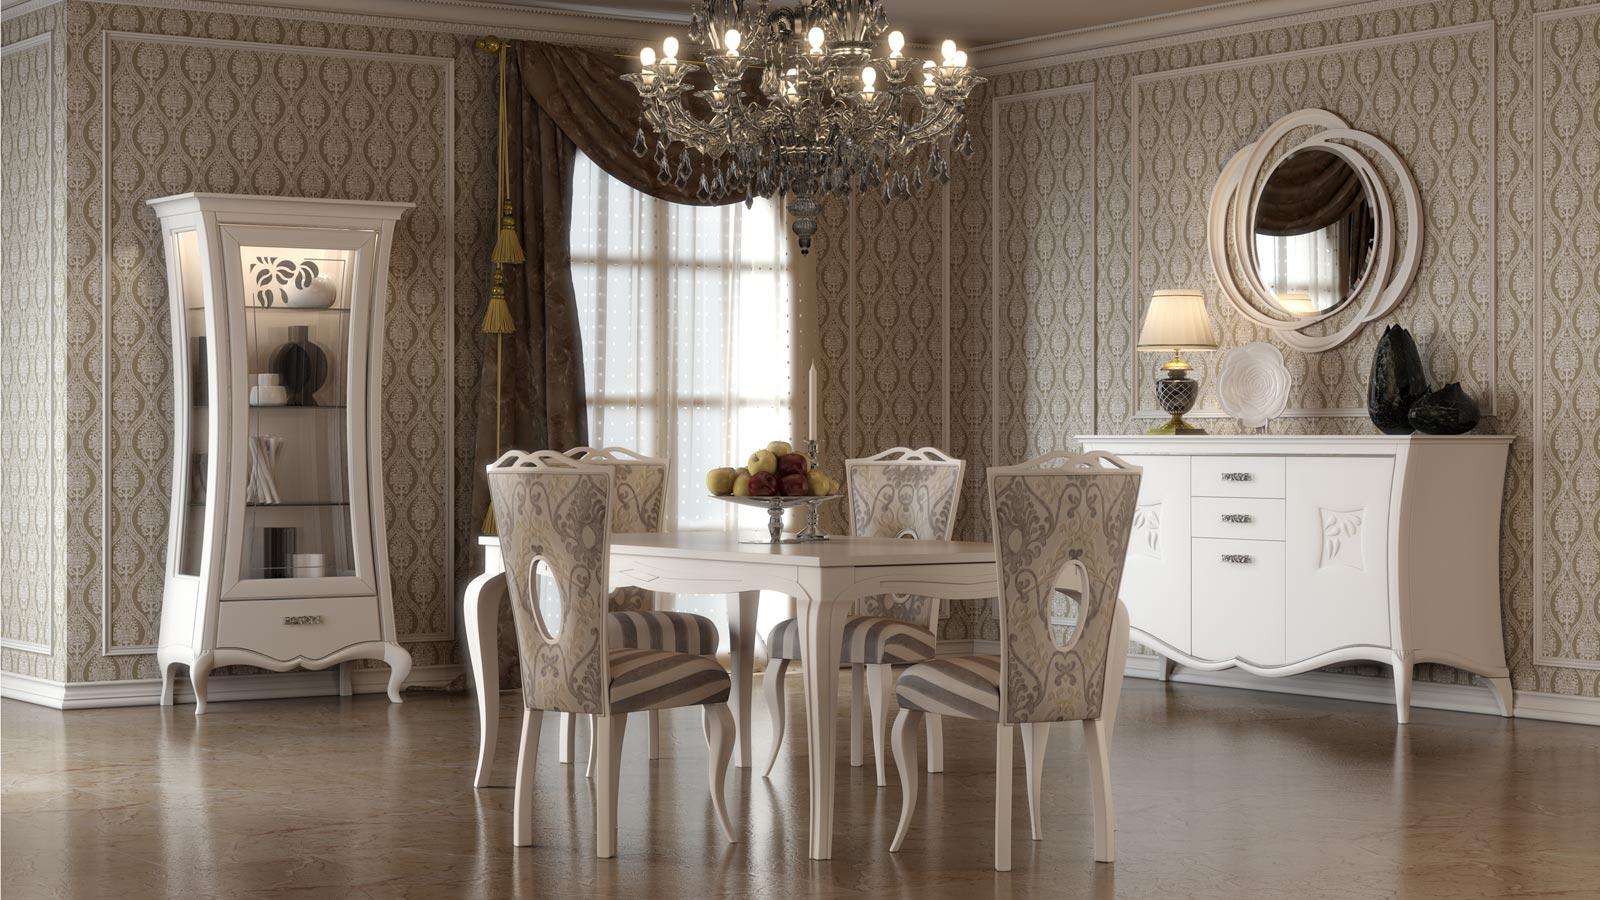 ARREDAMENTI ARREDAMENTI  NTO Vendita E Progettazione Cucine E  #3F3227 1600 900 Salotti E Sale Da Pranzo Moderne